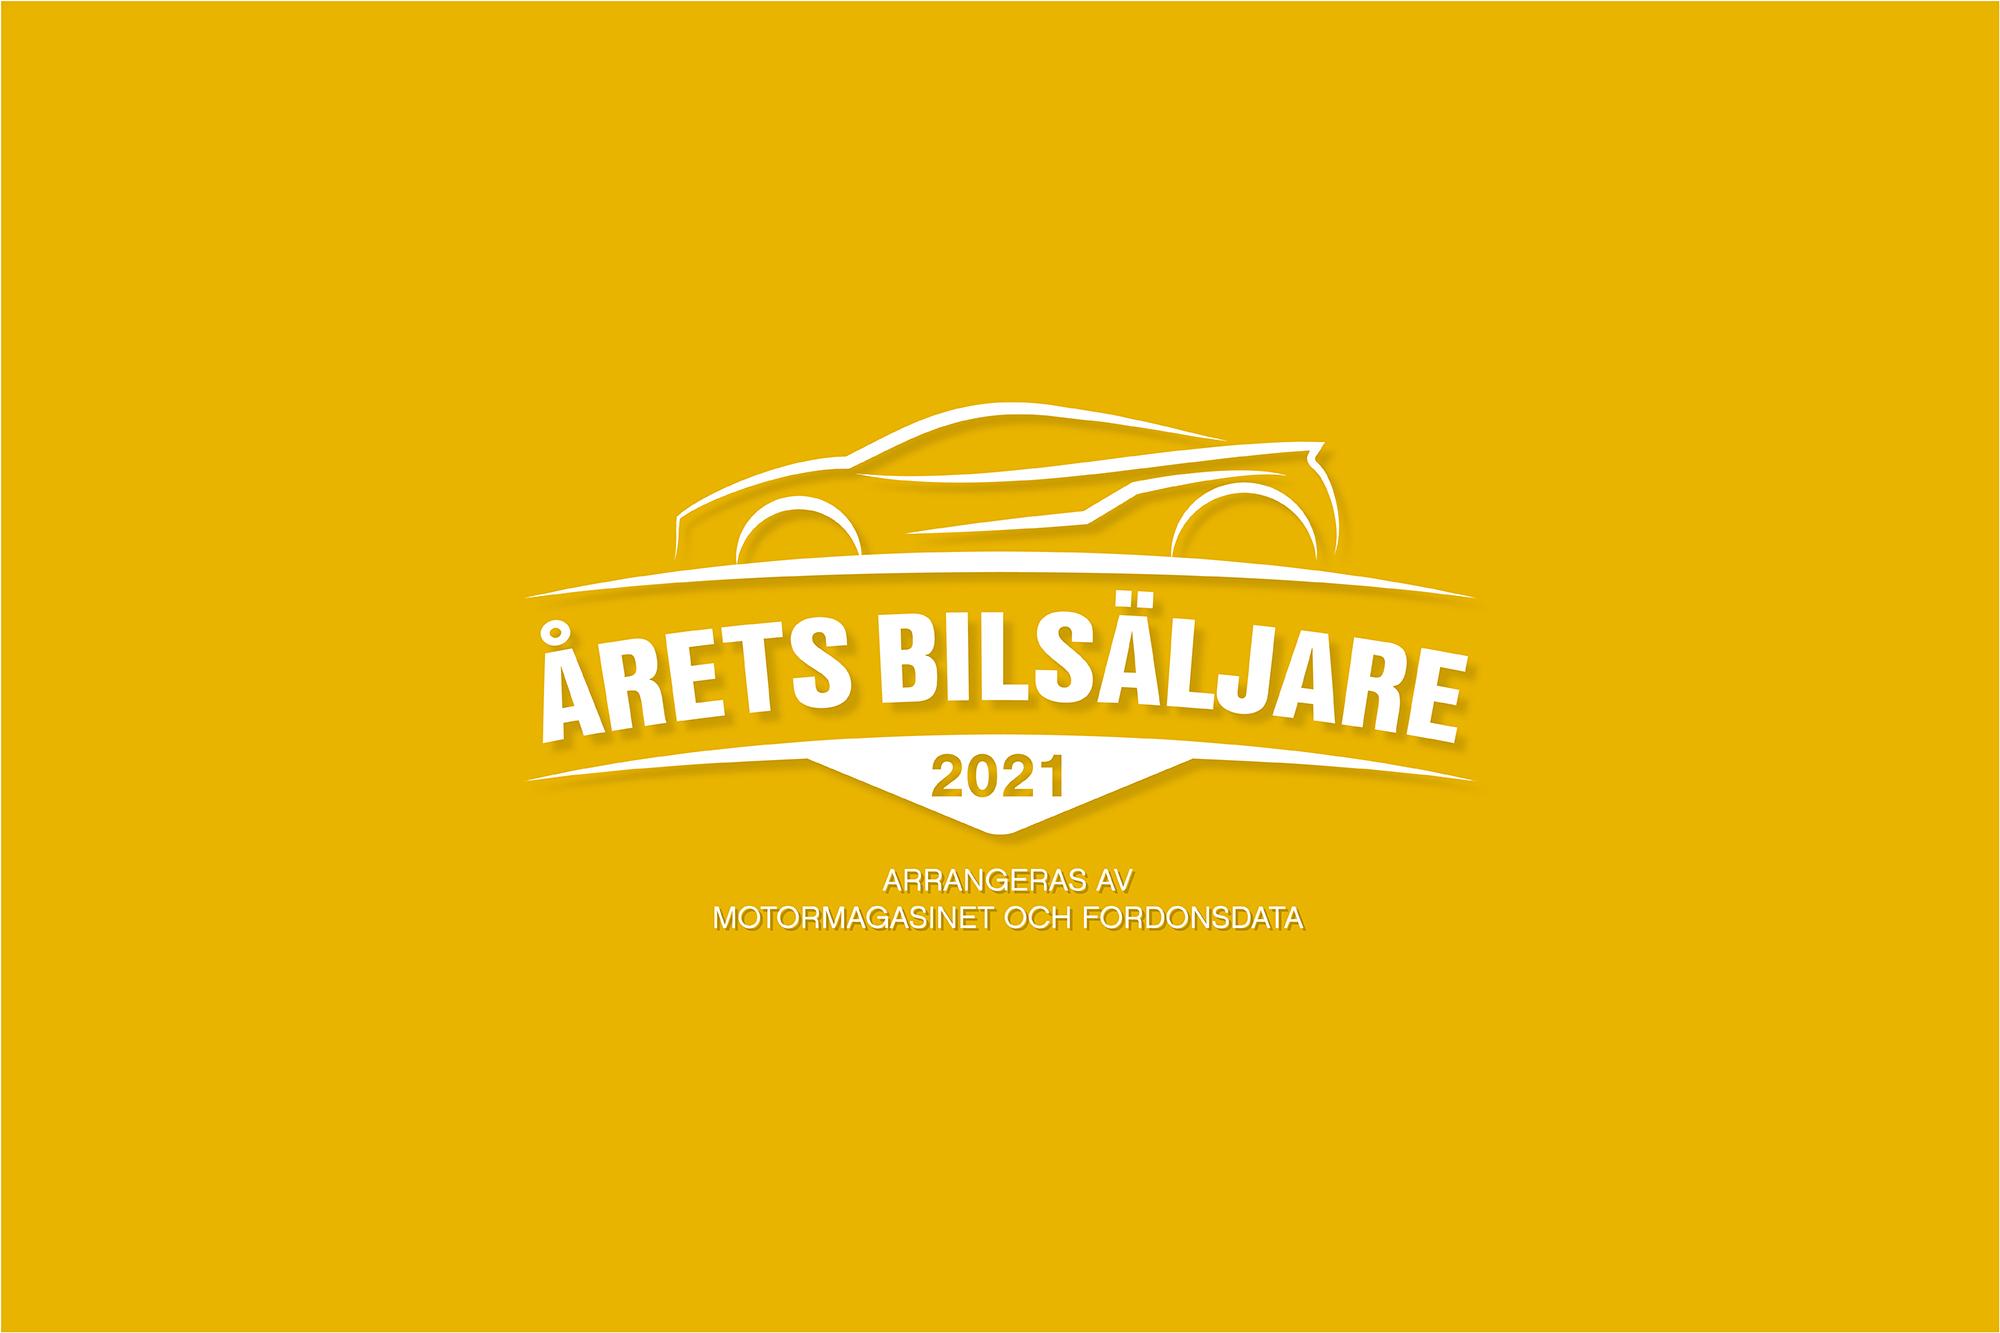 ÅretsBilsäljare21-2000x1333px-header2-210520 (1)